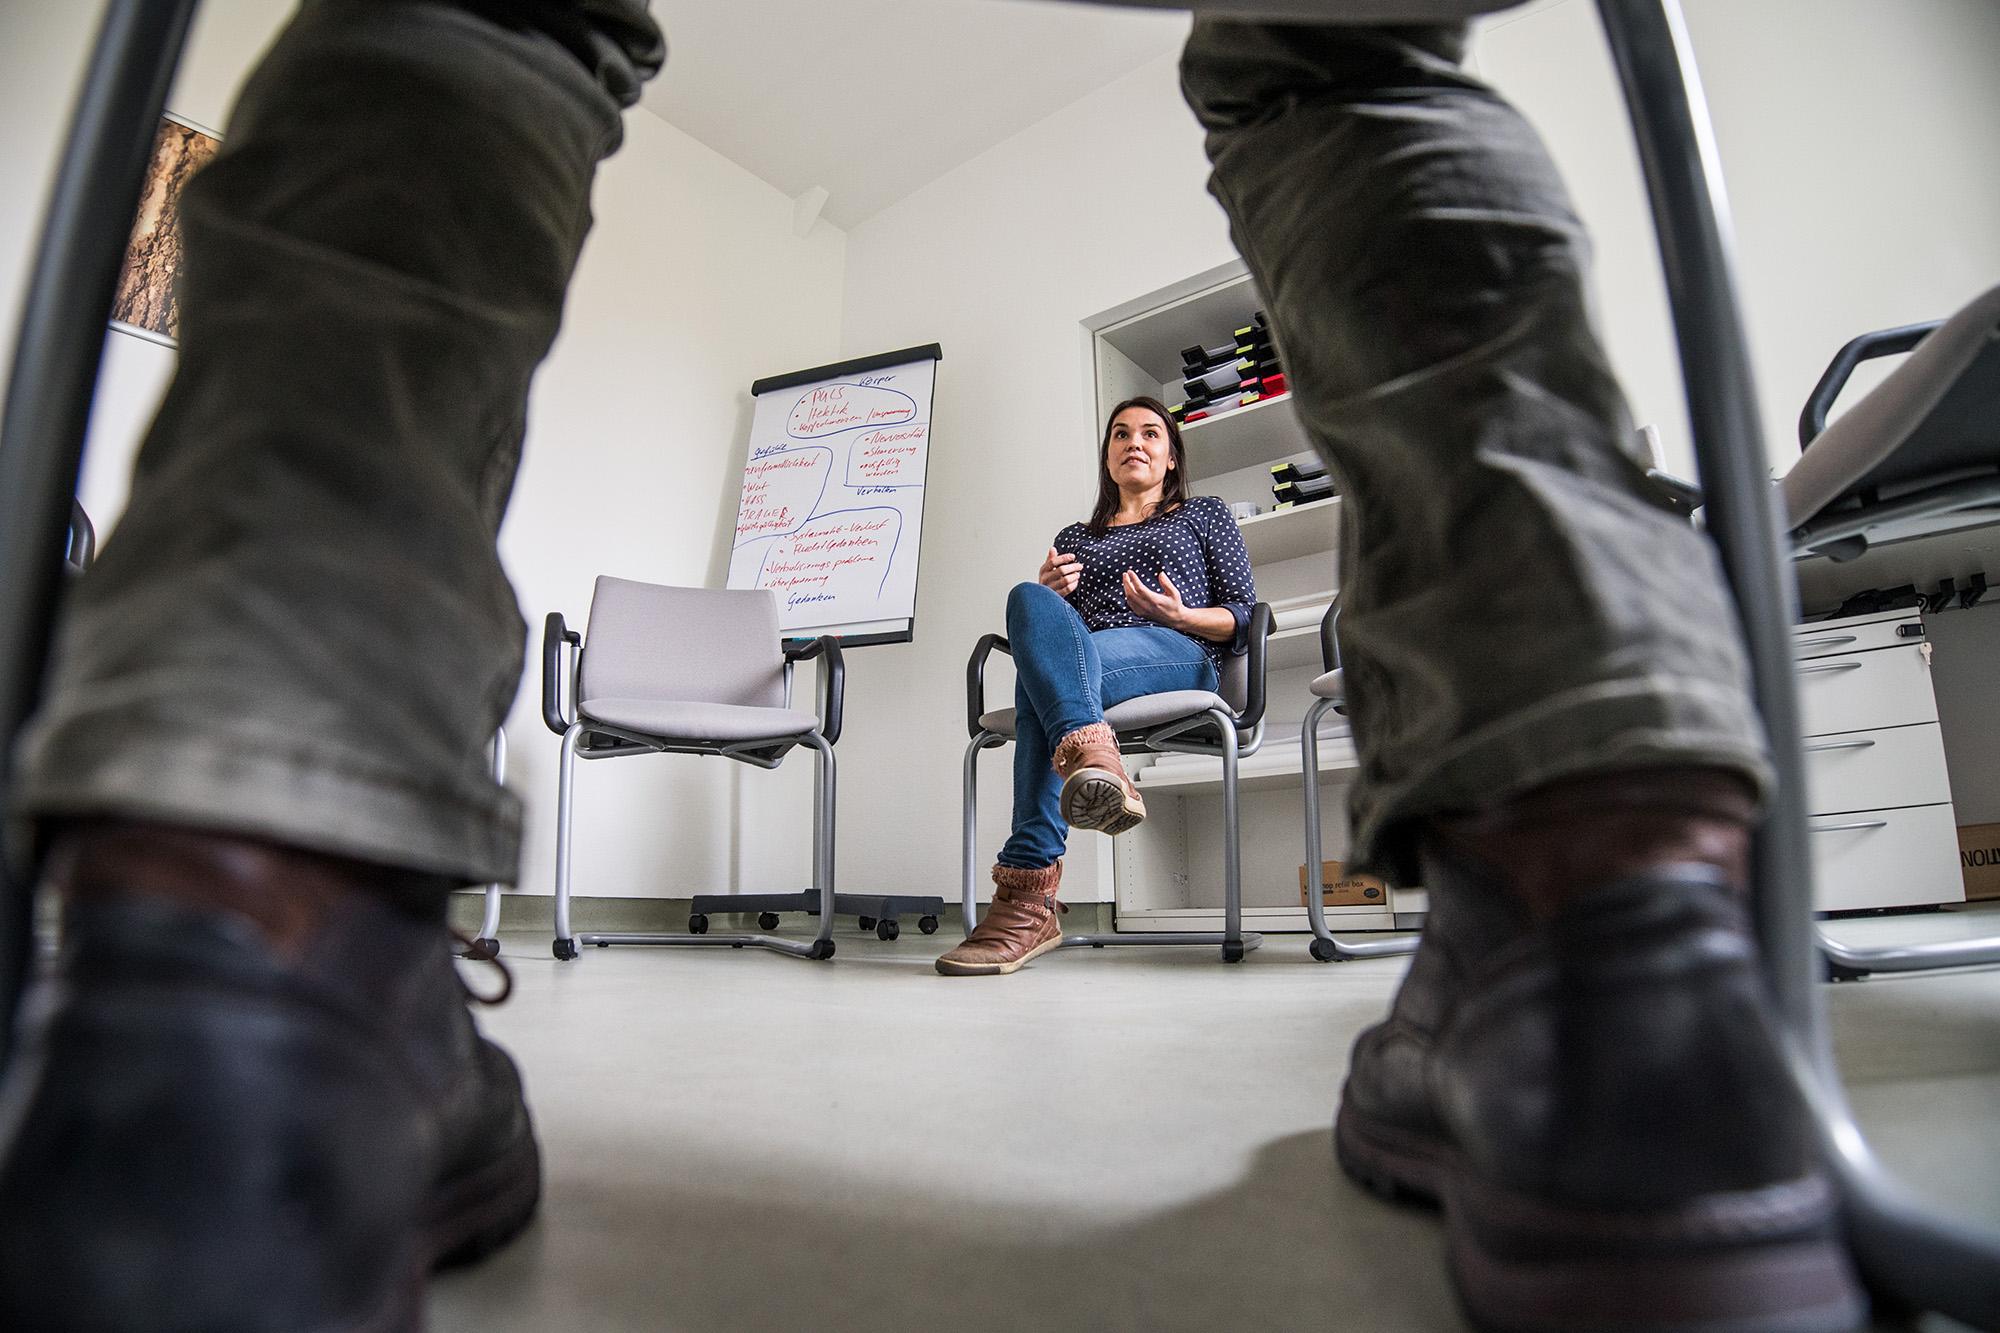 Claudia Bitzmann sitzt im Therapieraum der Leipziger Uniklinik und unterhält sich.